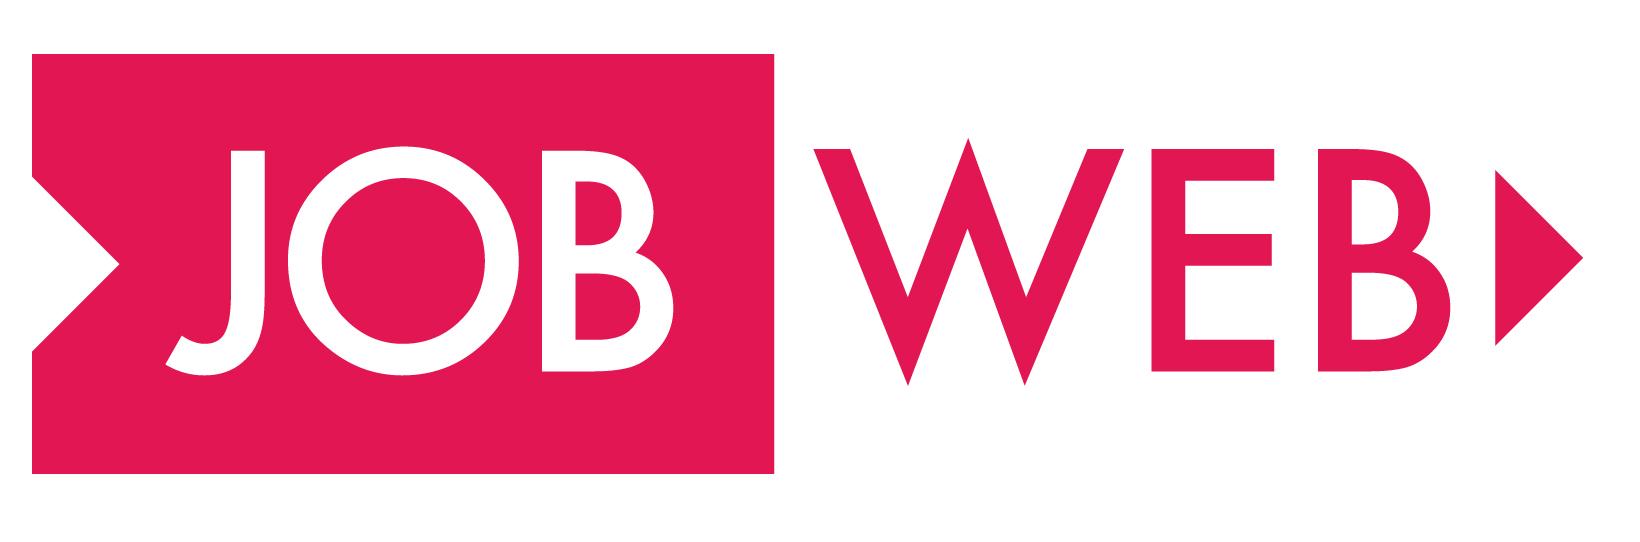 qui sommes nous jobweb jobweb est un site web d emploi geacuteneacuteraliste qui a pour devise simpliciteacute preacutecision et efficaciteacute